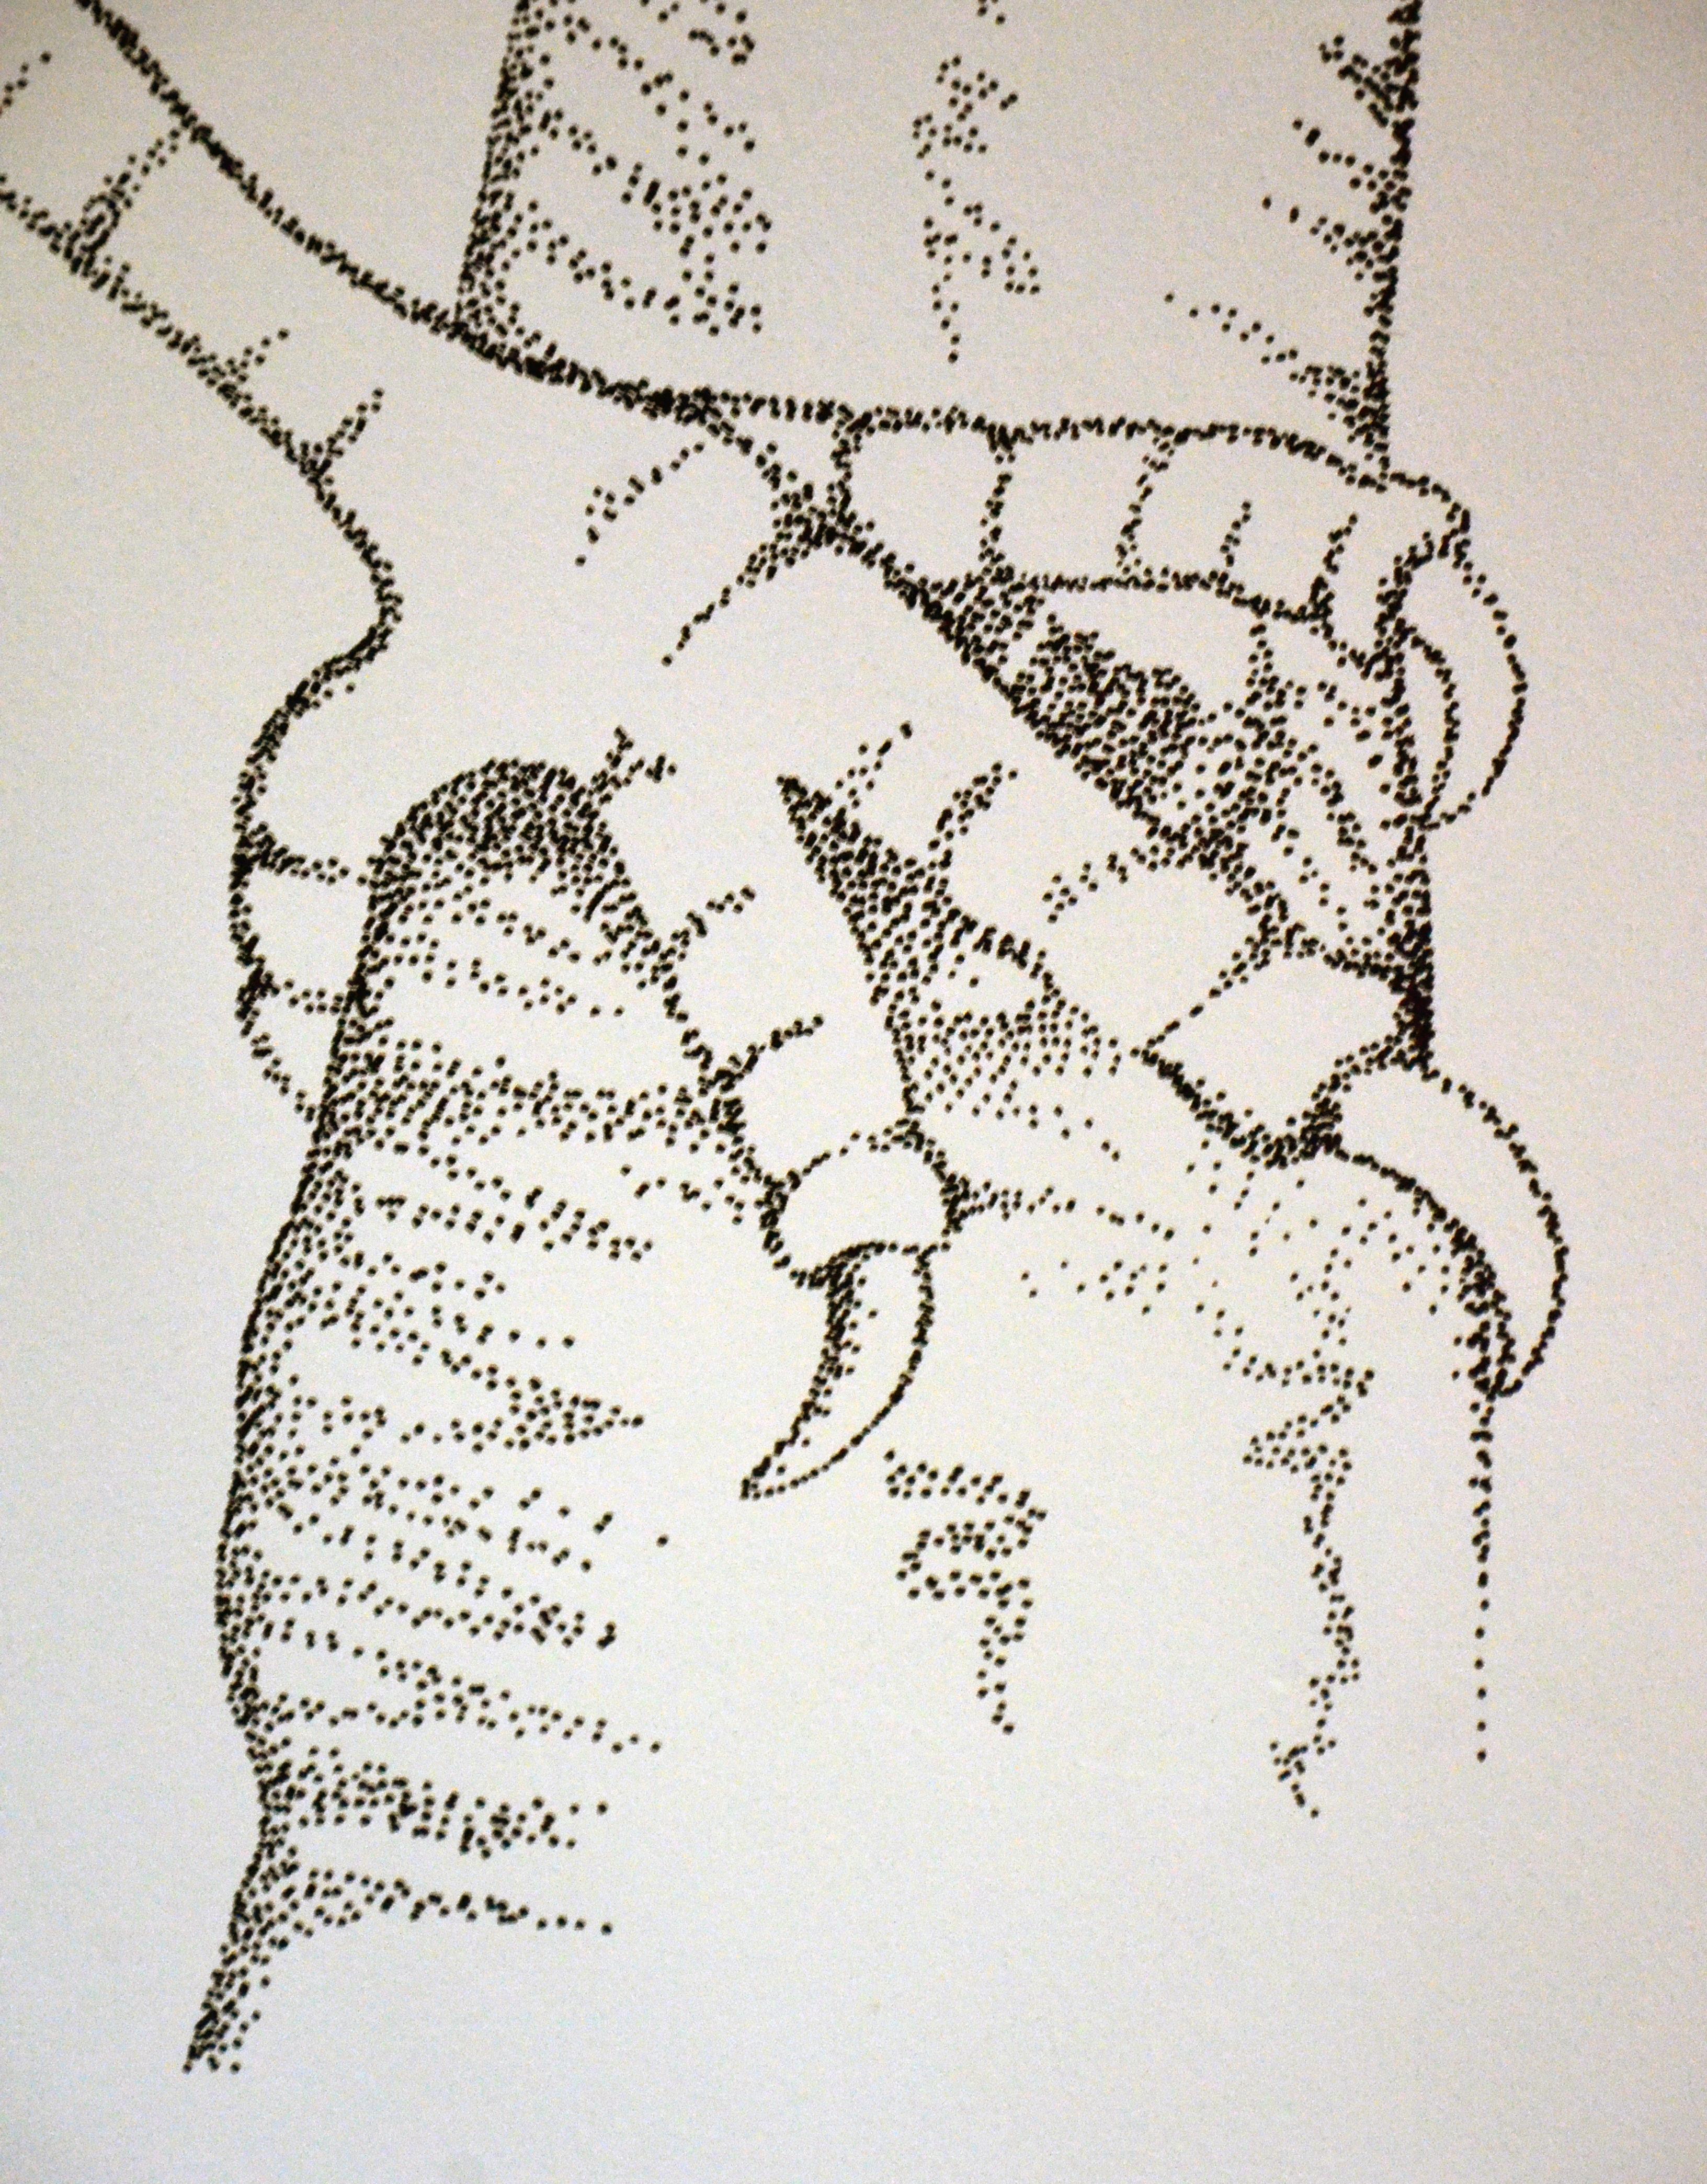 bird claw detail